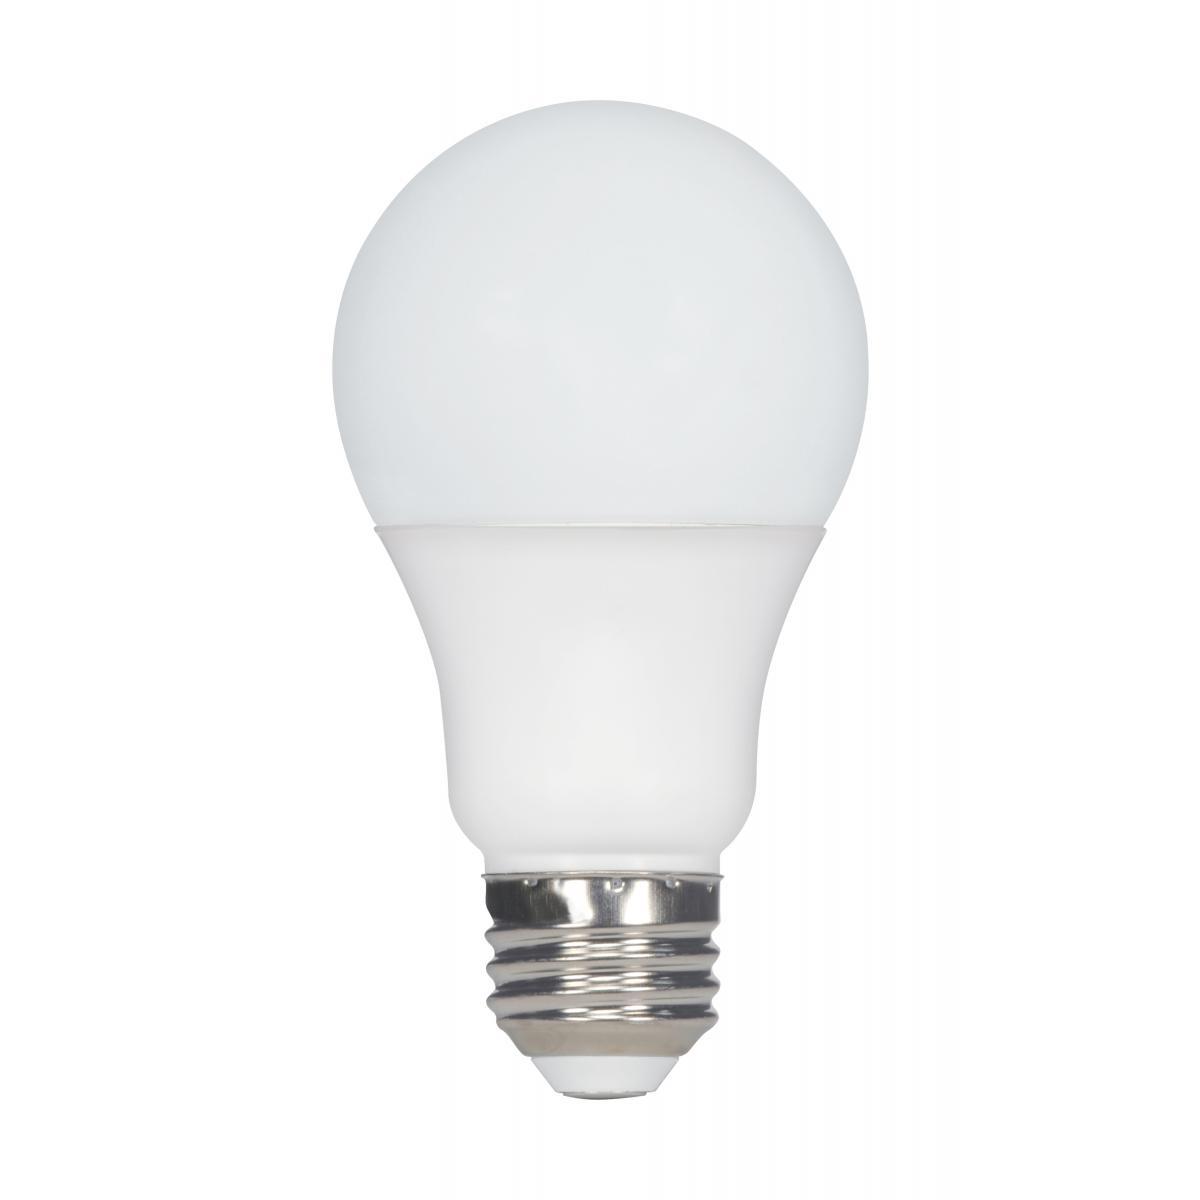 S11409 9.8A19/LED/50K/120V/ECO/ND